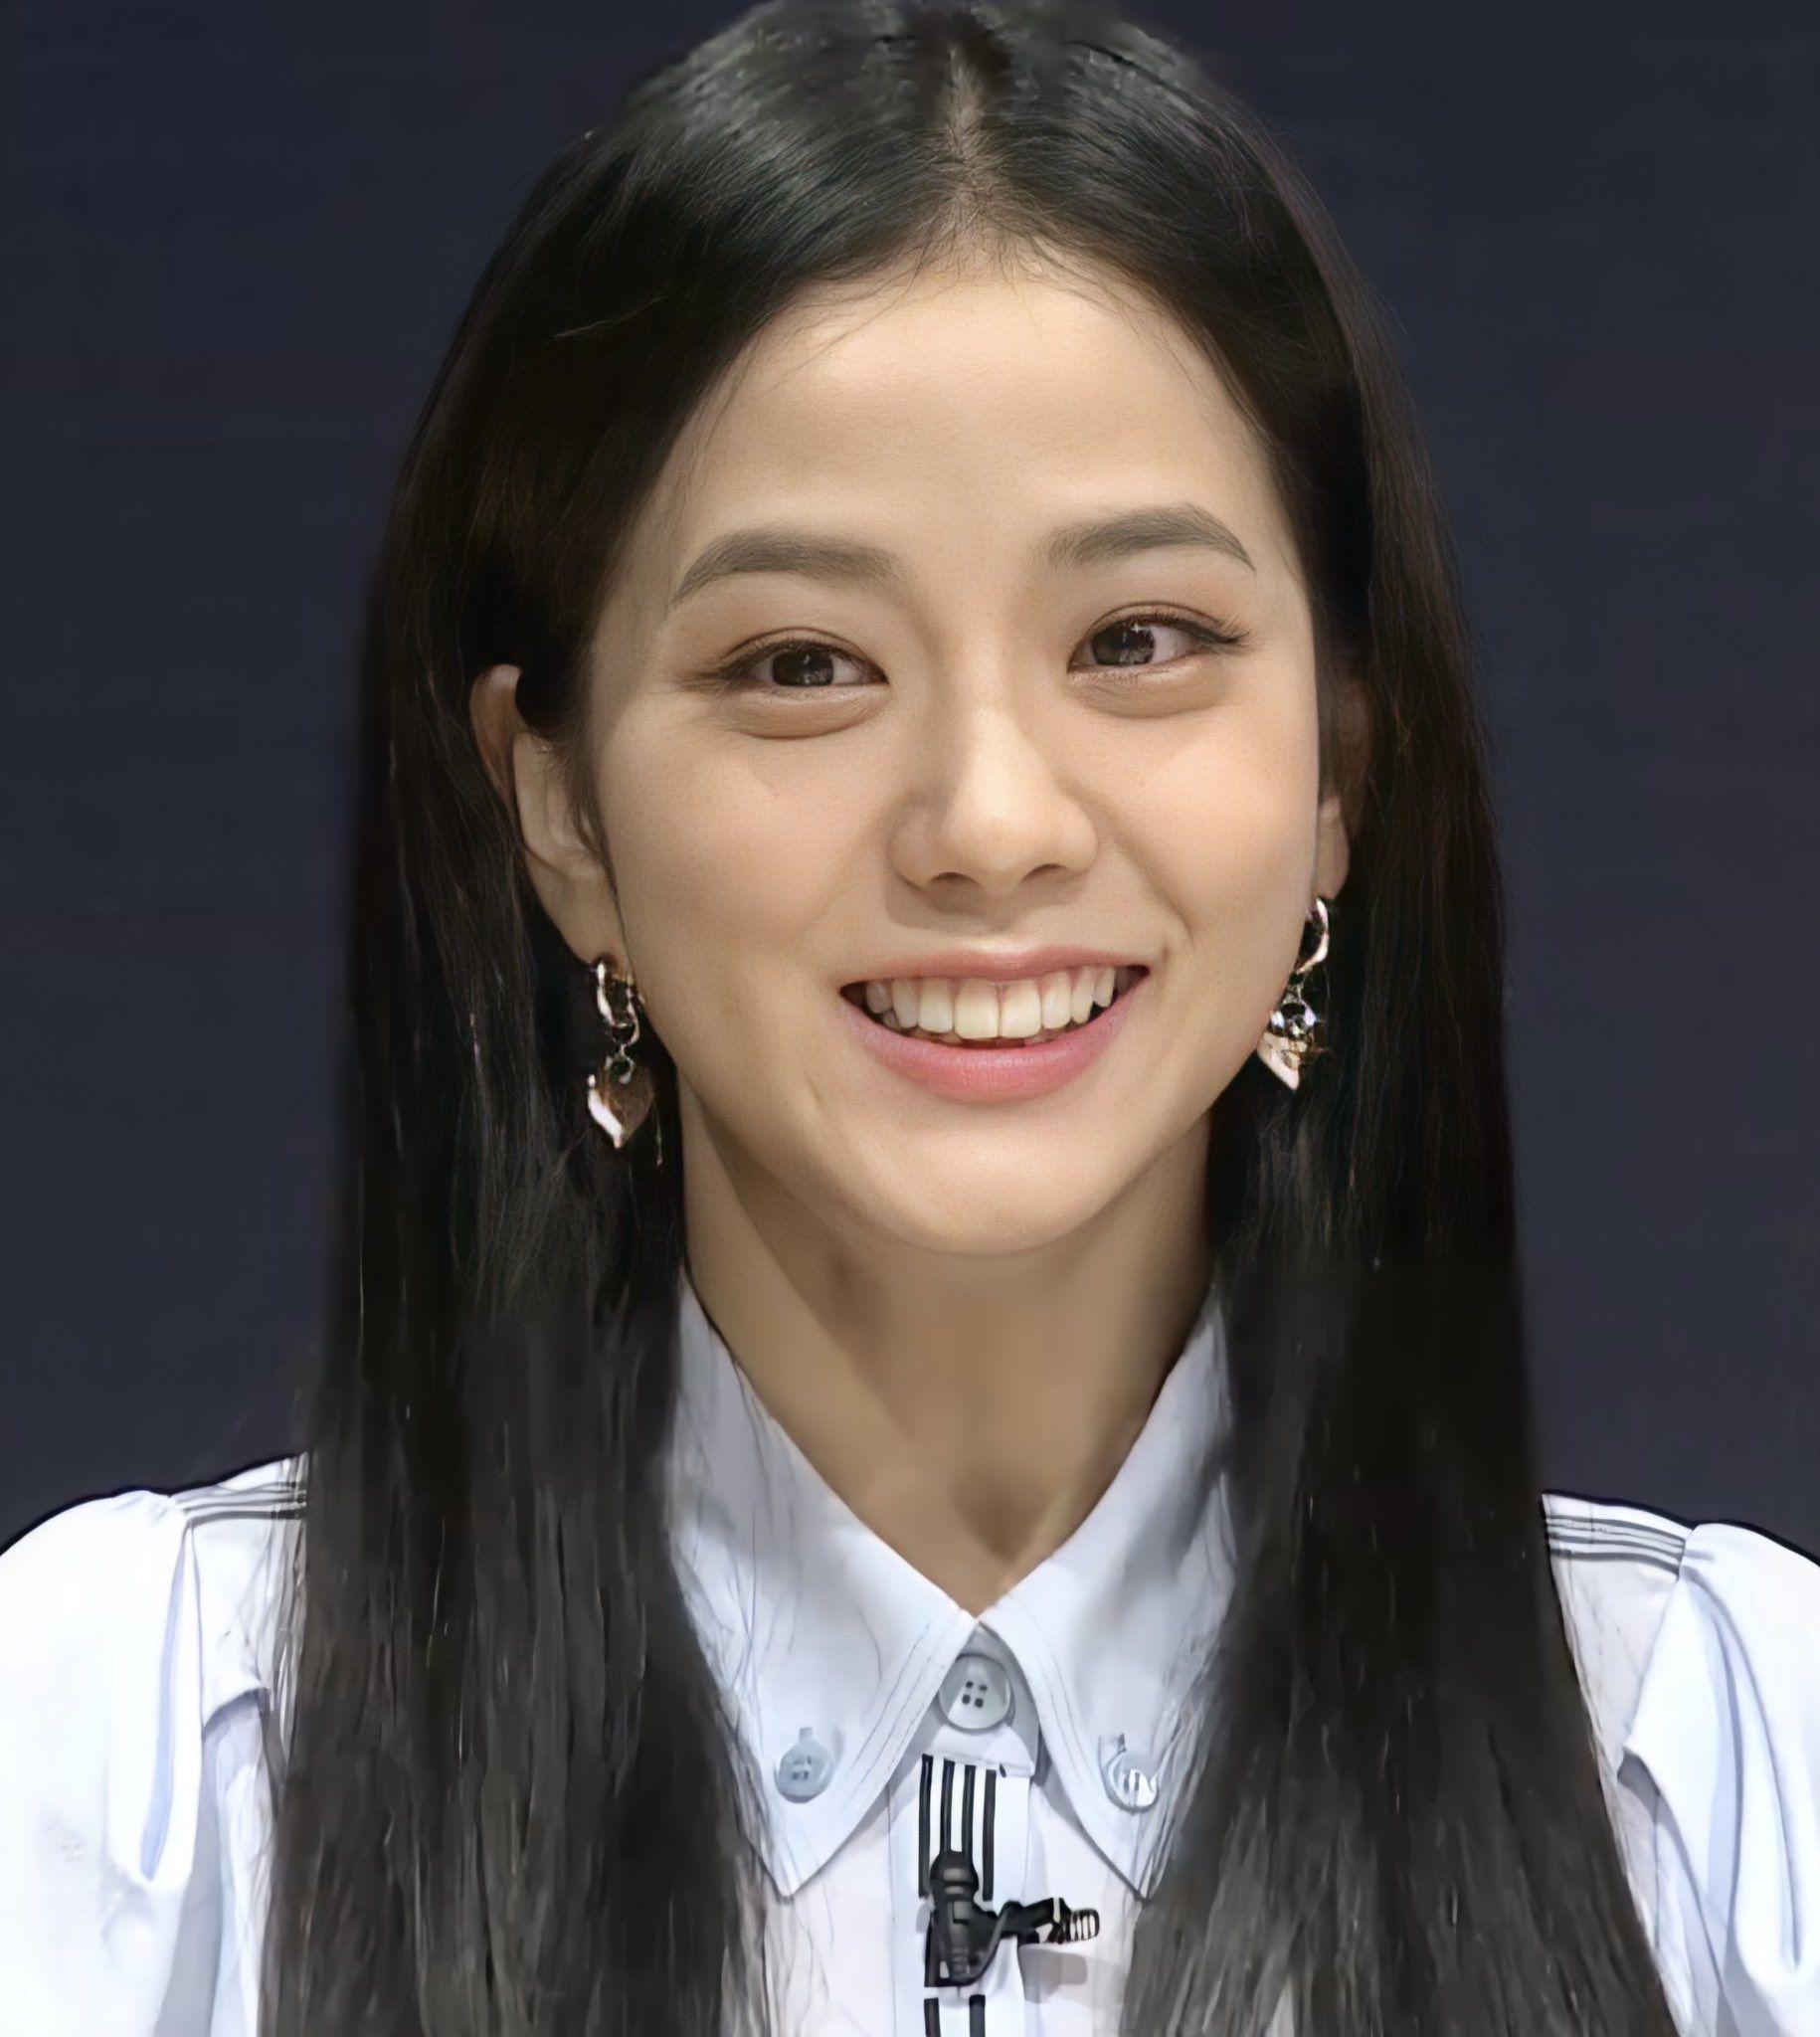 """Jisoo già nua Nhược điểm nhan sắc """"trí mạng"""" của Jisoo, makeup sơ sẩy là già ngay chục tuổi, lộ visual lão hóa không phanh - Ảnh 3."""